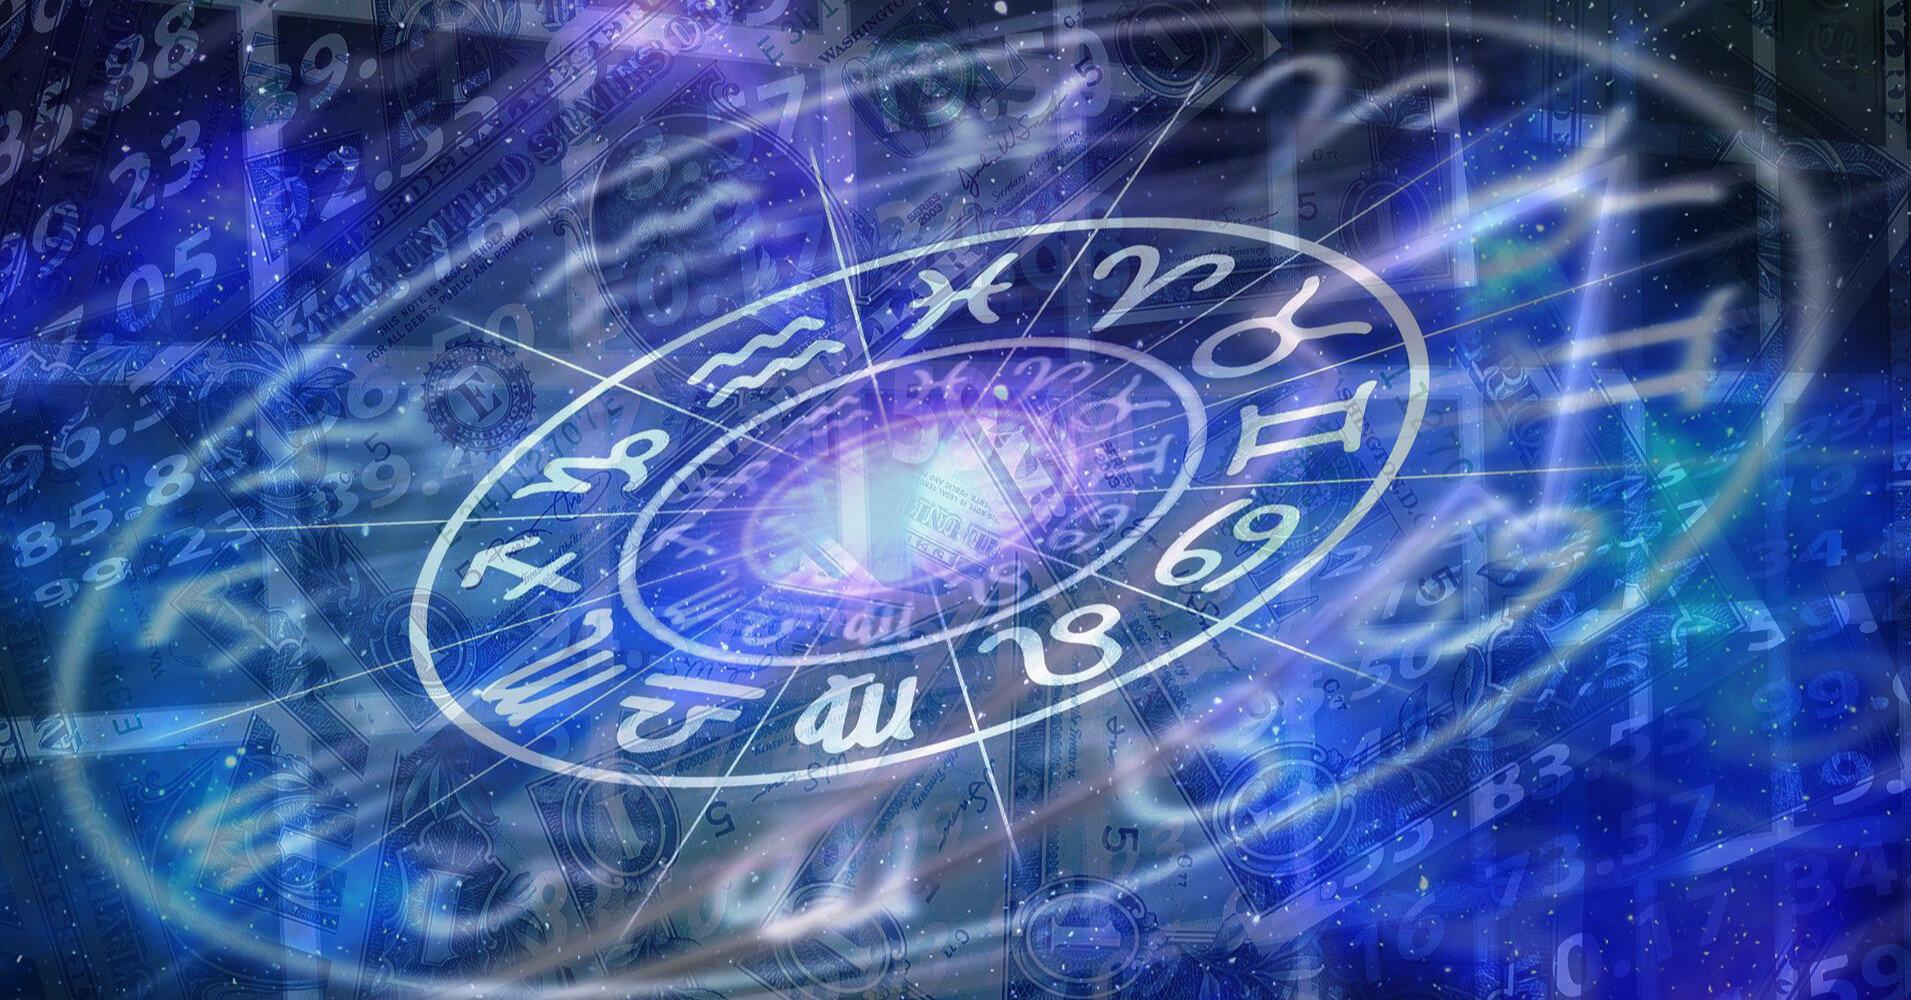 Гороскоп на 3 июня для всех знаков зодиака